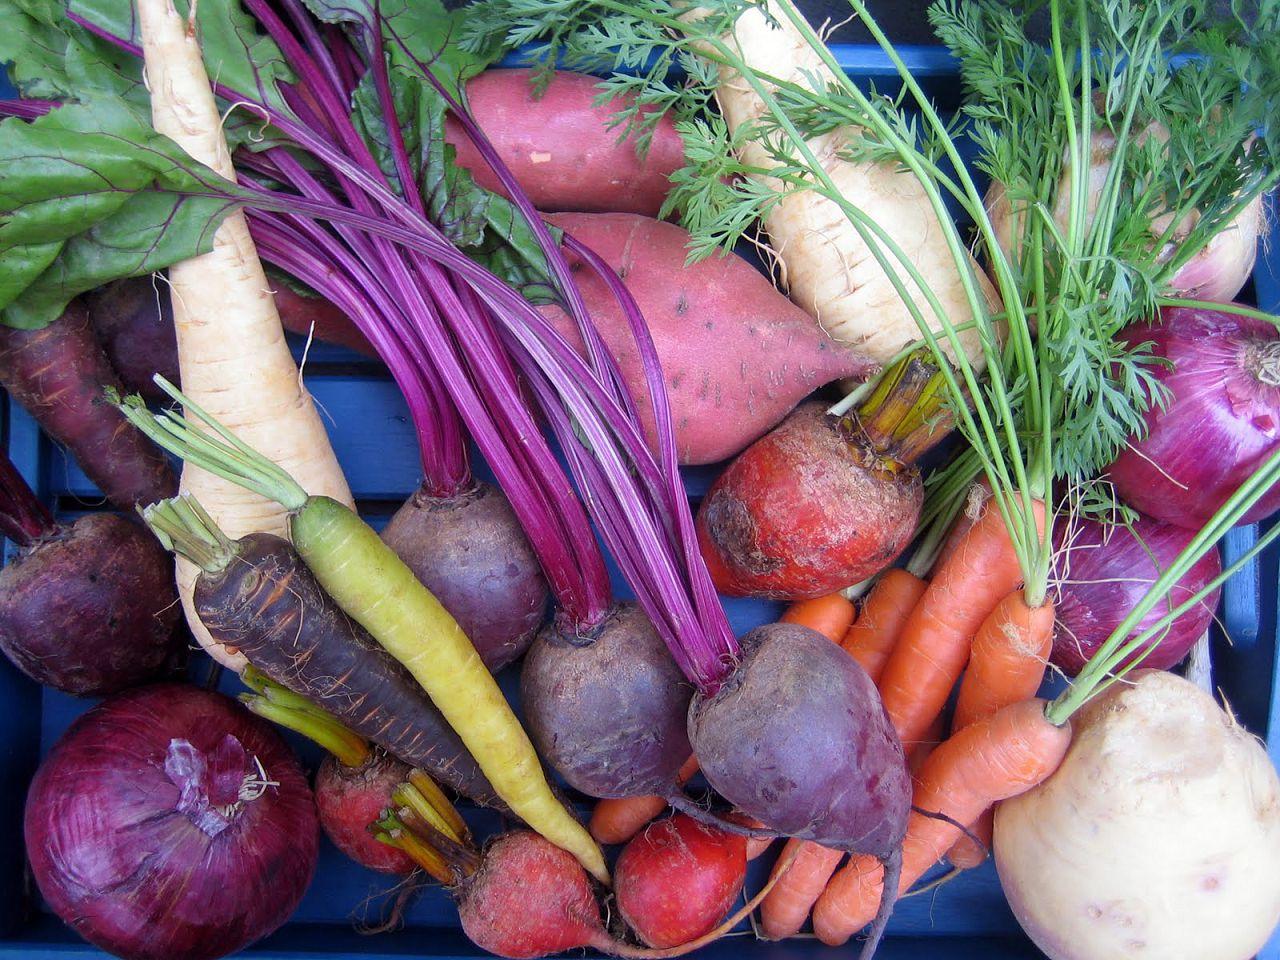 Перед кормлением овощи нужно хорошо промыть и нарезать